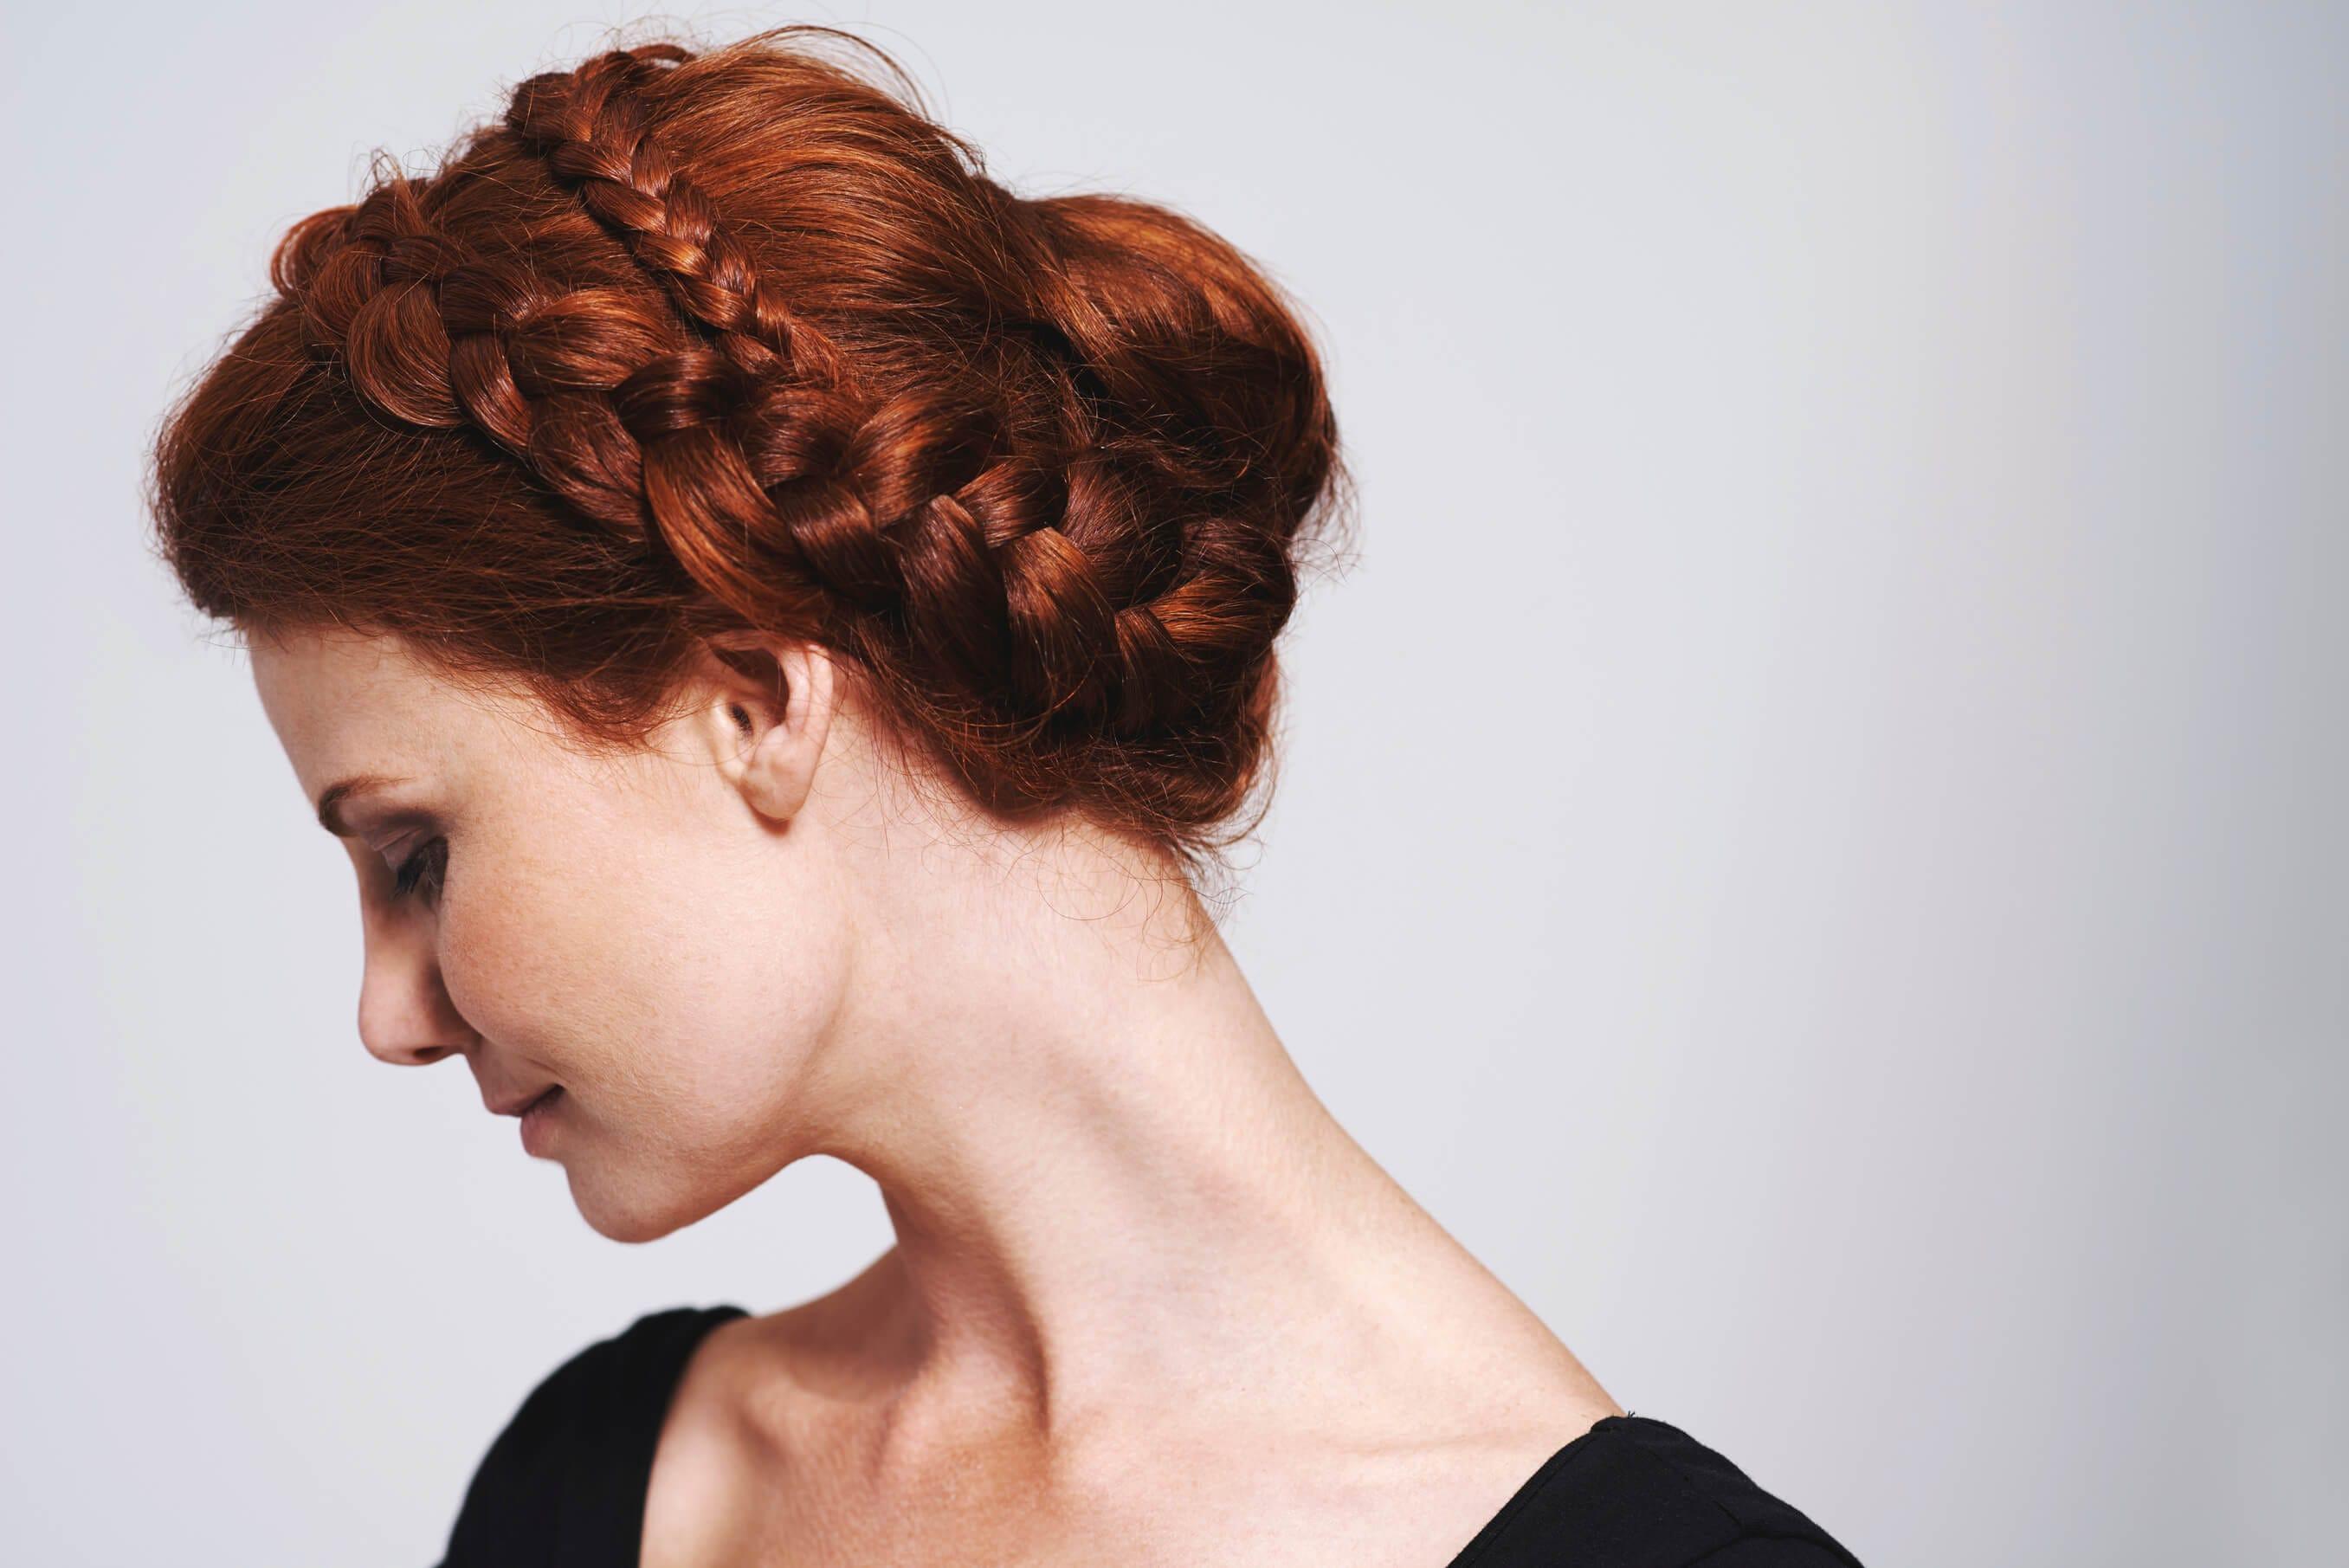 dark red hair braided updo